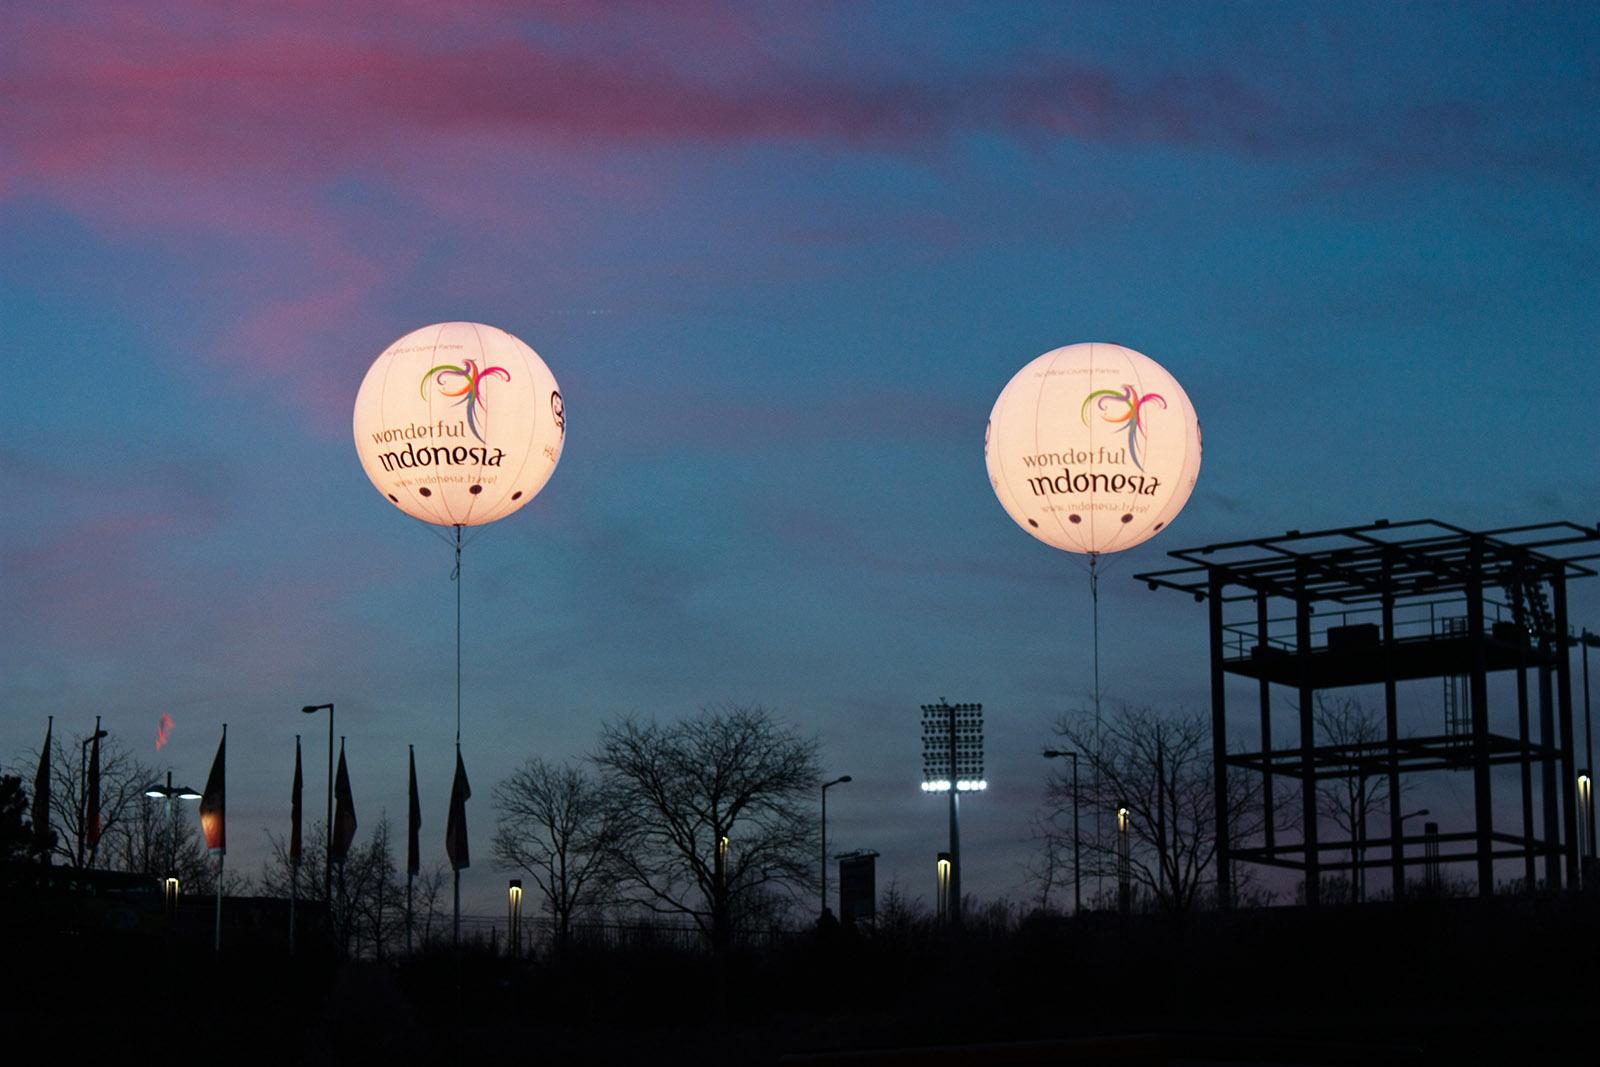 Leuchtballons auf Messen